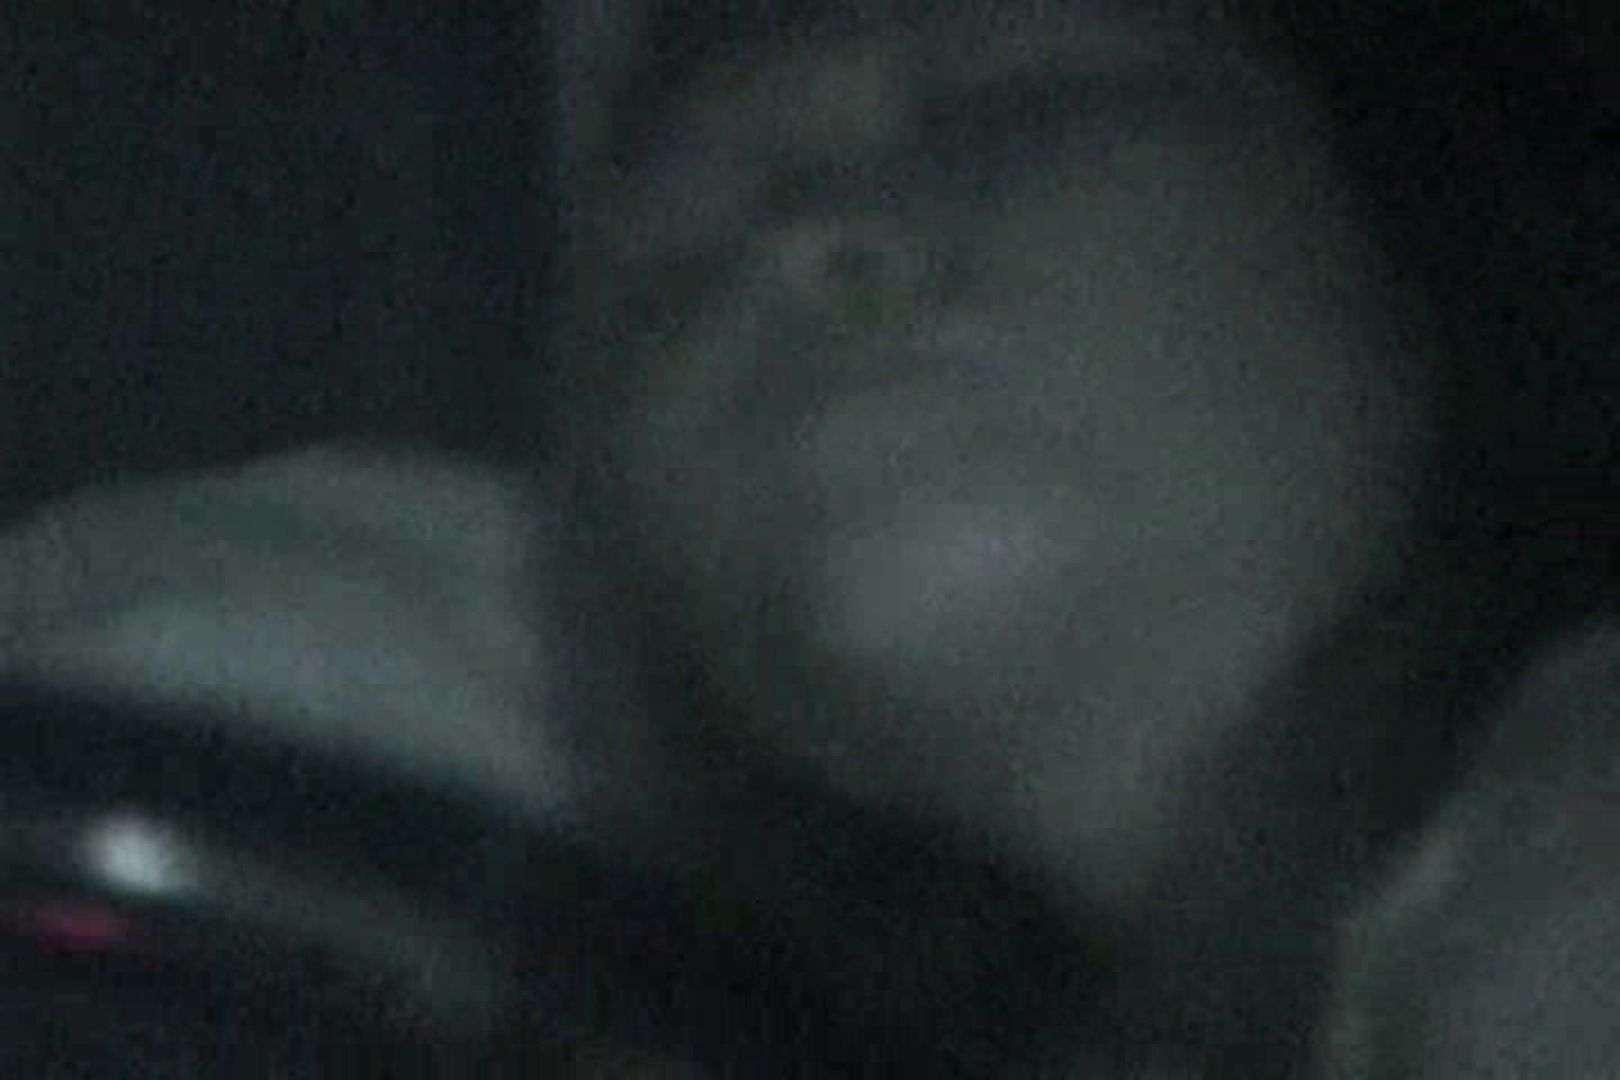 充血監督の深夜の運動会Vol.137 マンコ・ムレムレ おめこ無修正動画無料 91pic 32